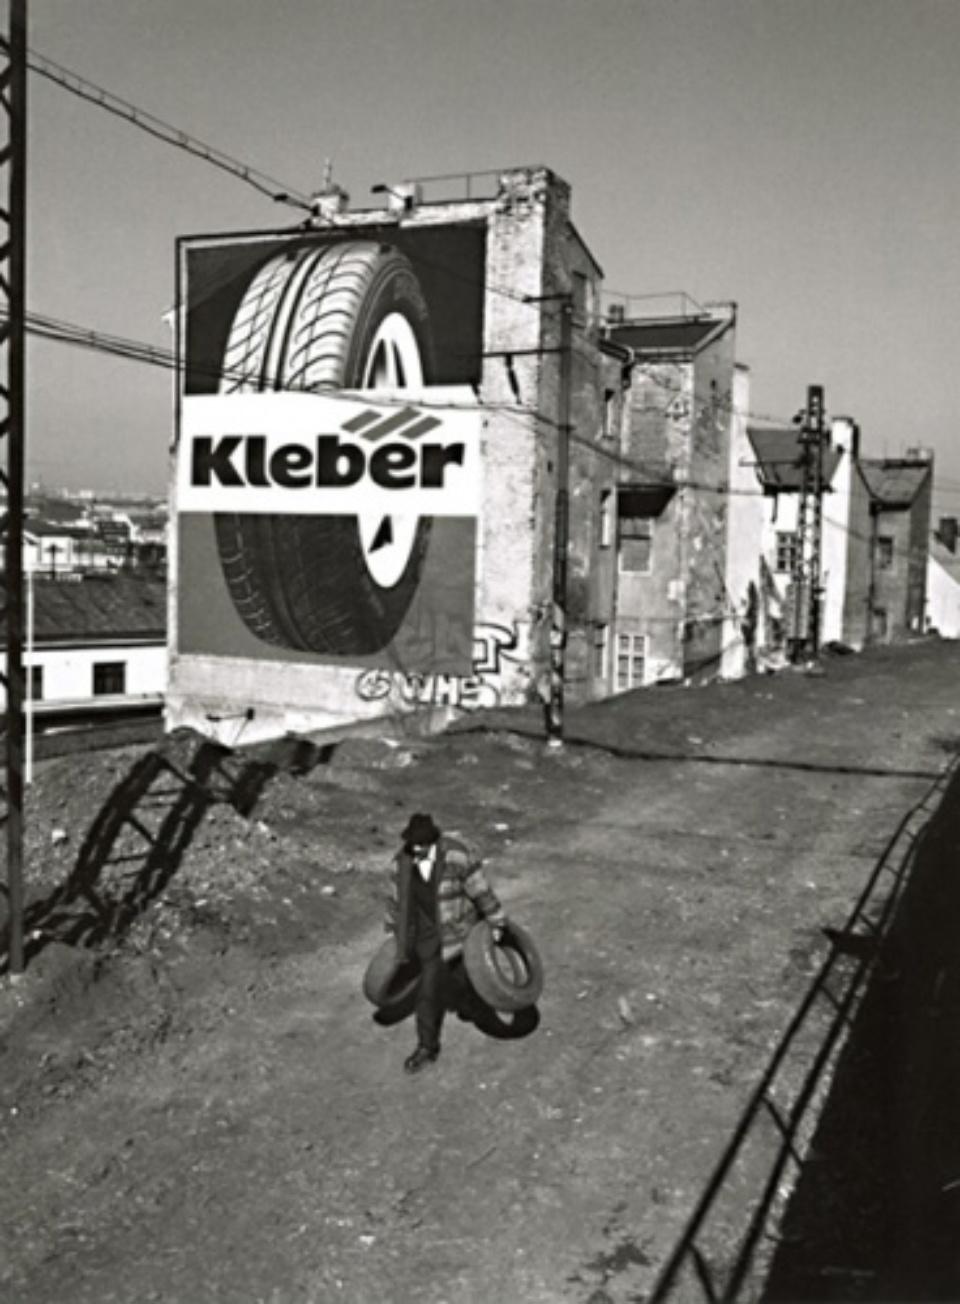 Man with Tyres Prague, 2002